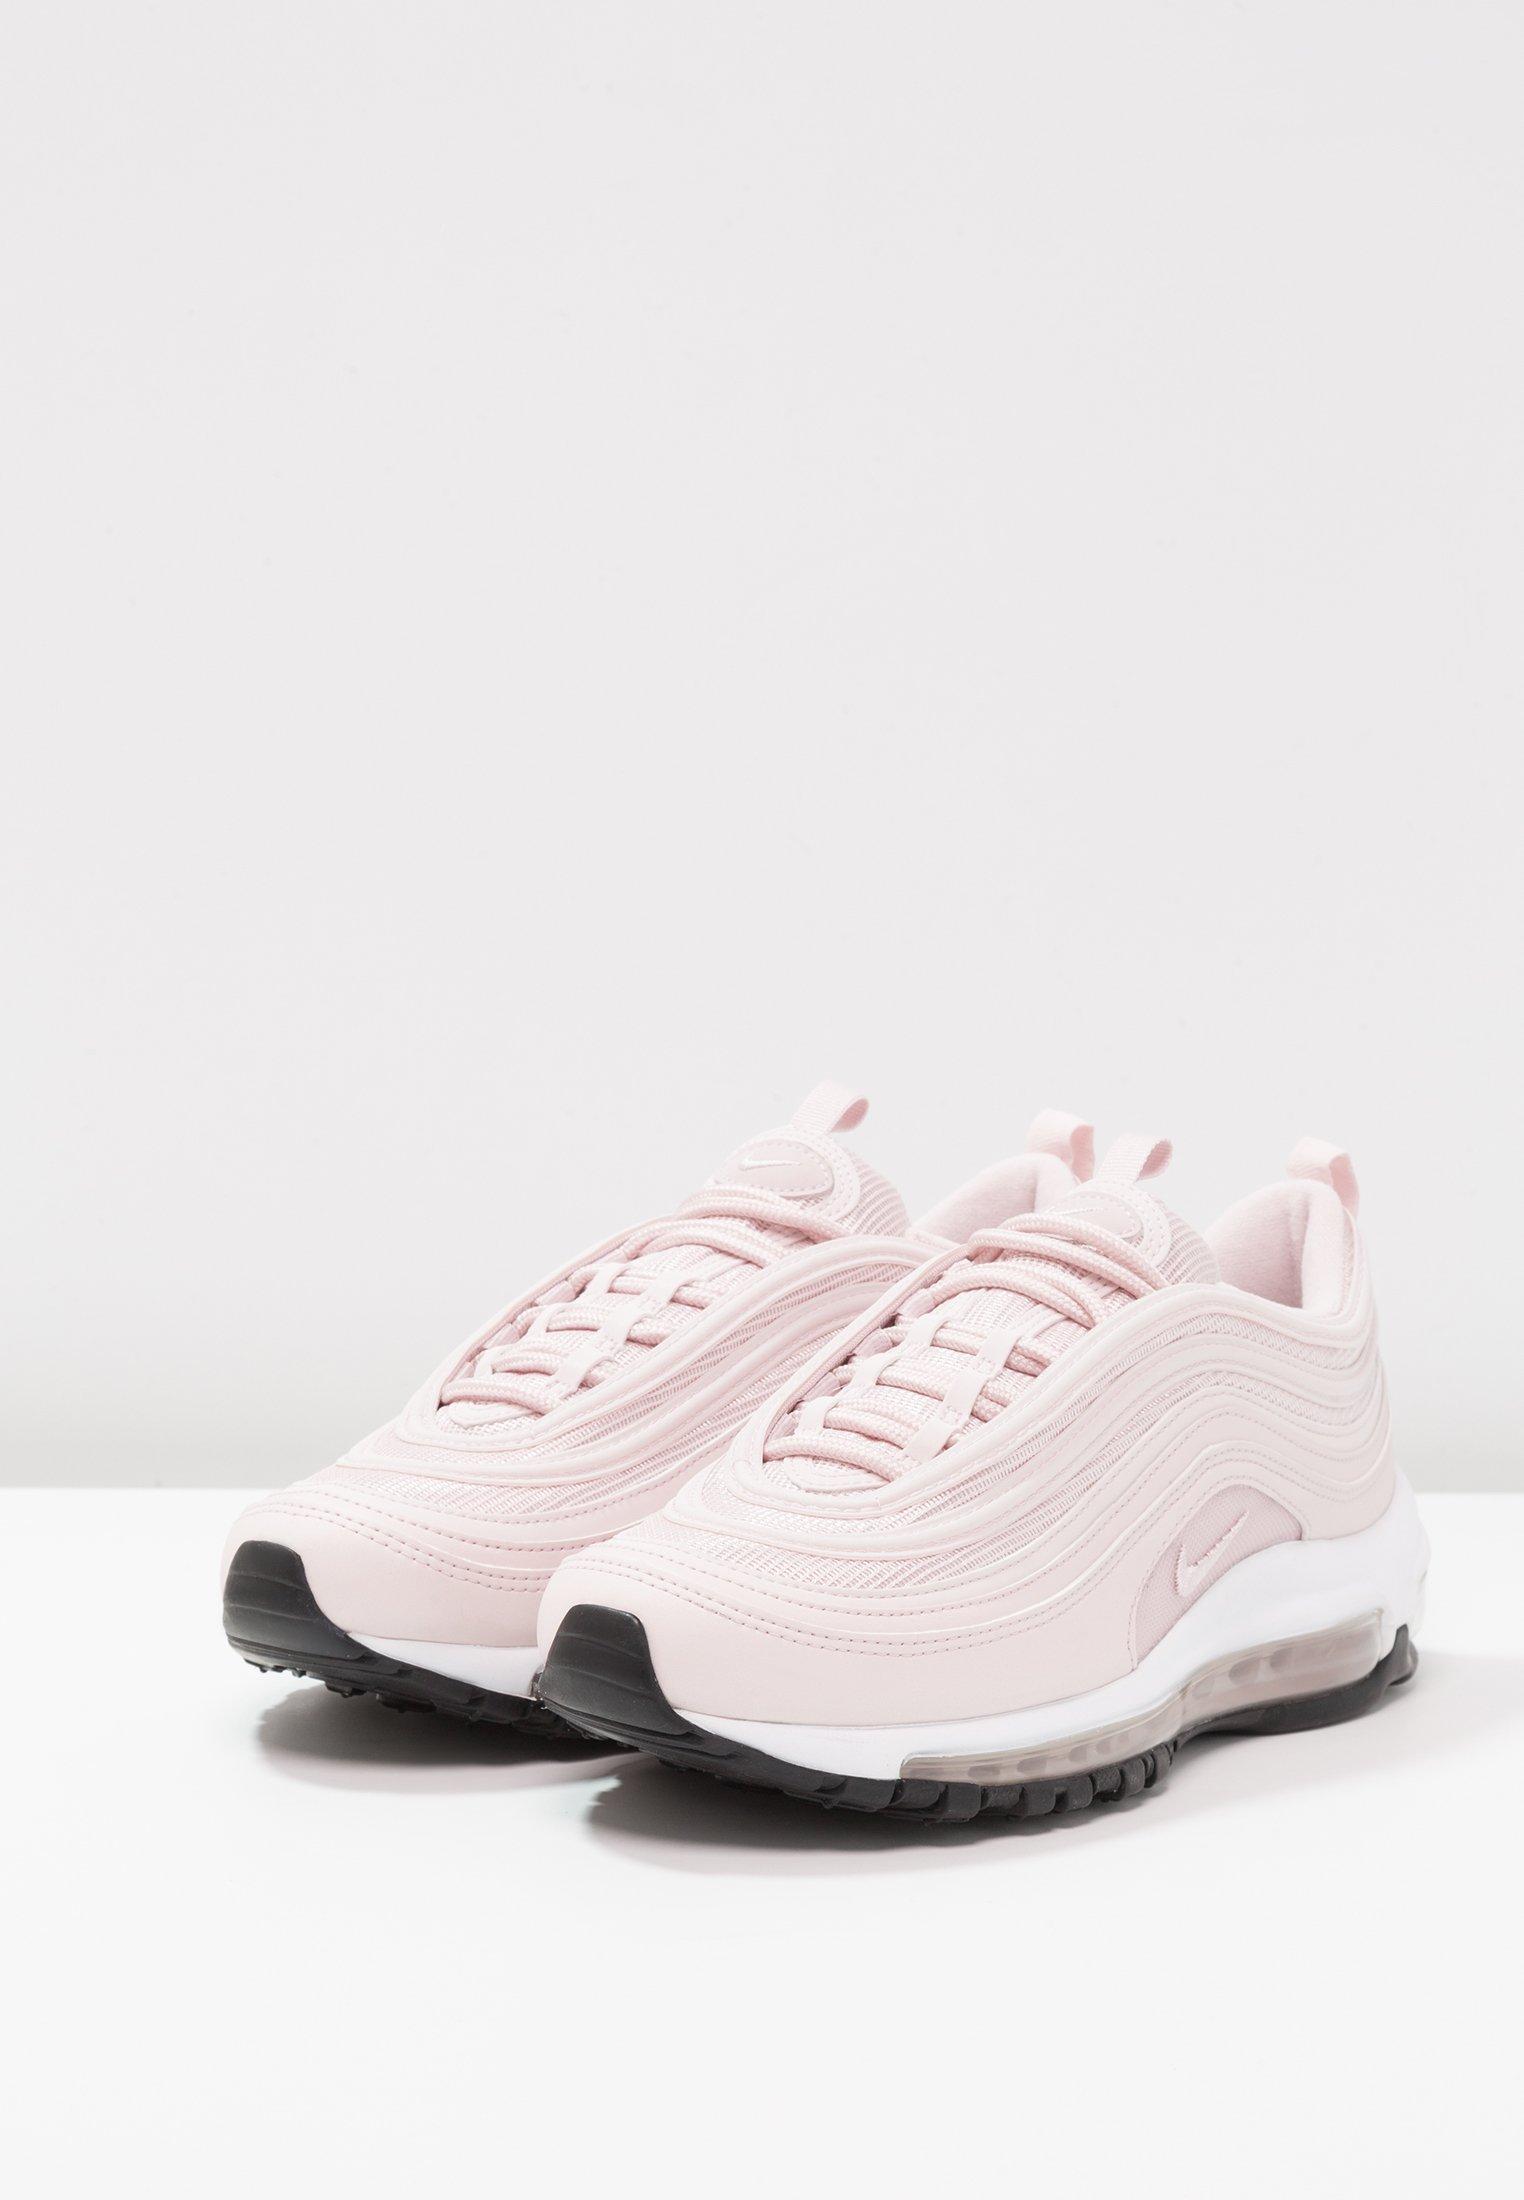 air max 97 gialle e rosa